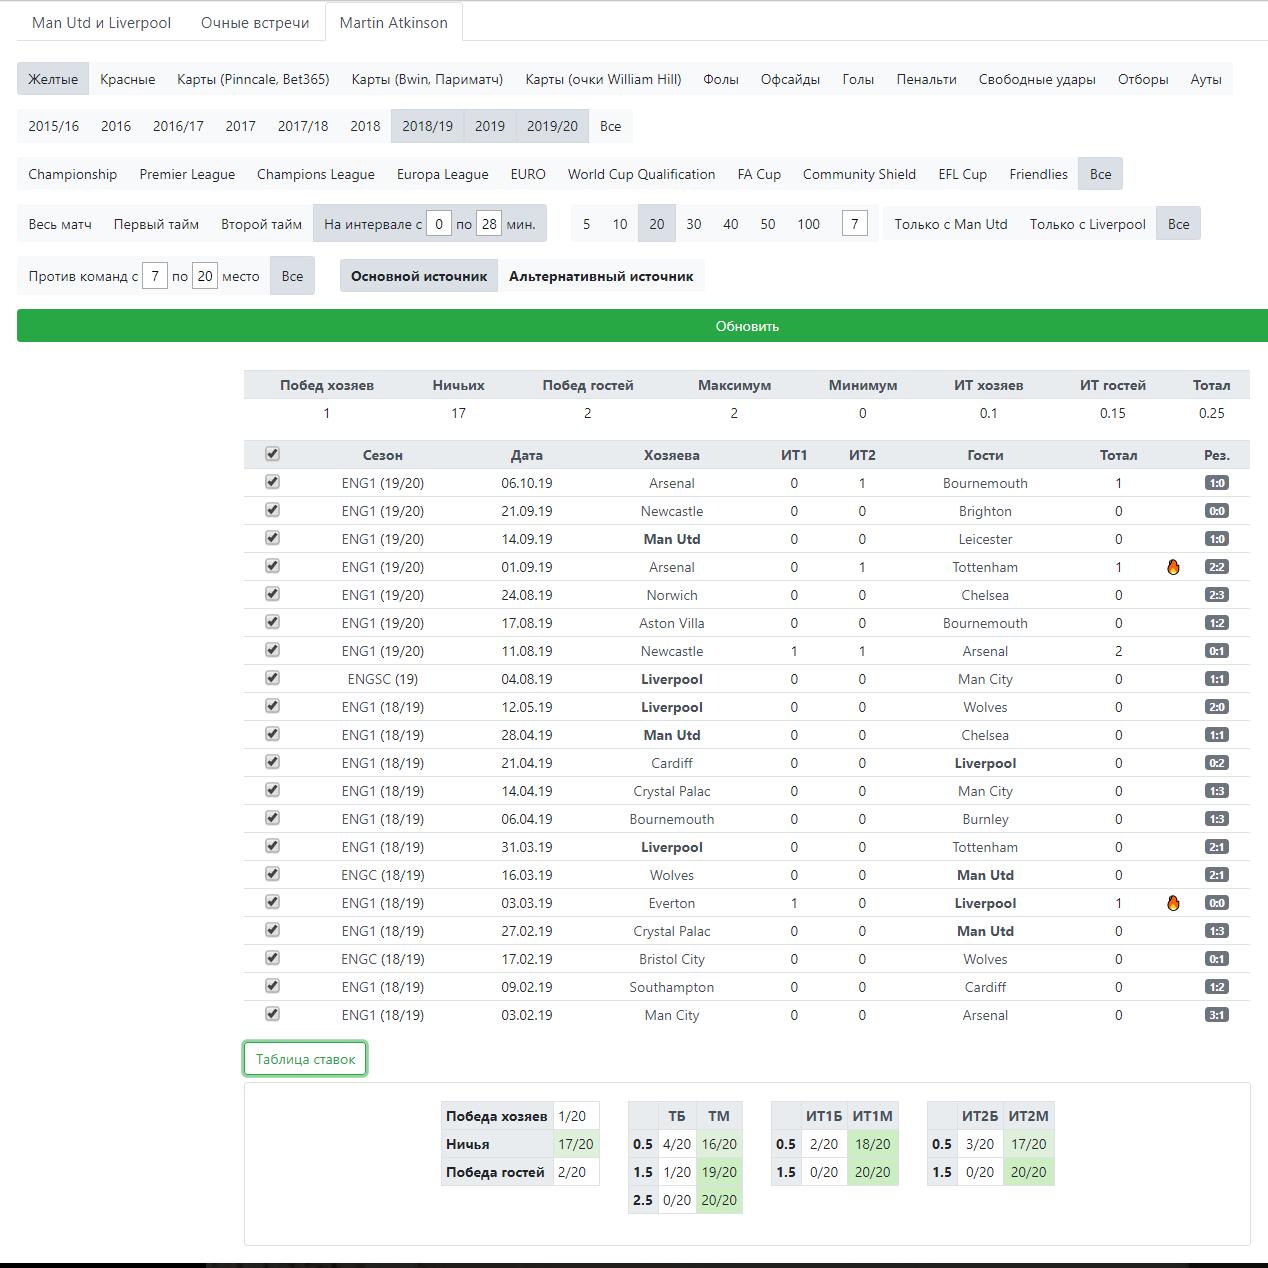 Статистика судьи Мартина Аткинсона на интервале 1-28